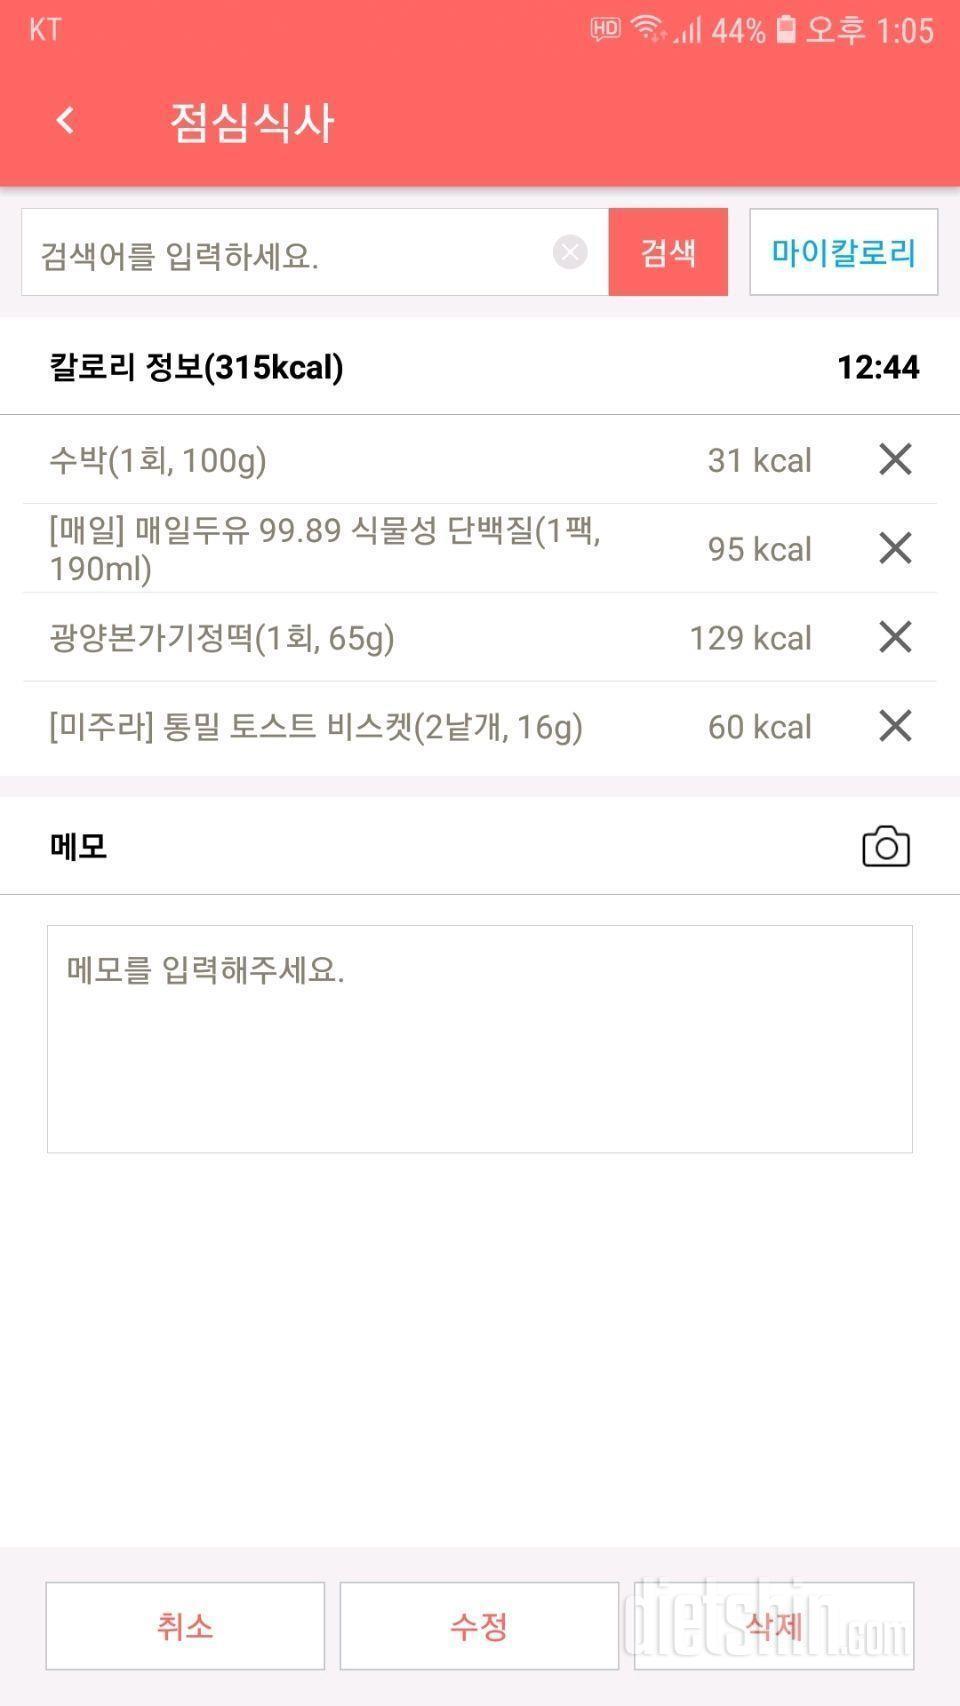 여름 간식 얼린 두유 레시피....? + 떡순이?